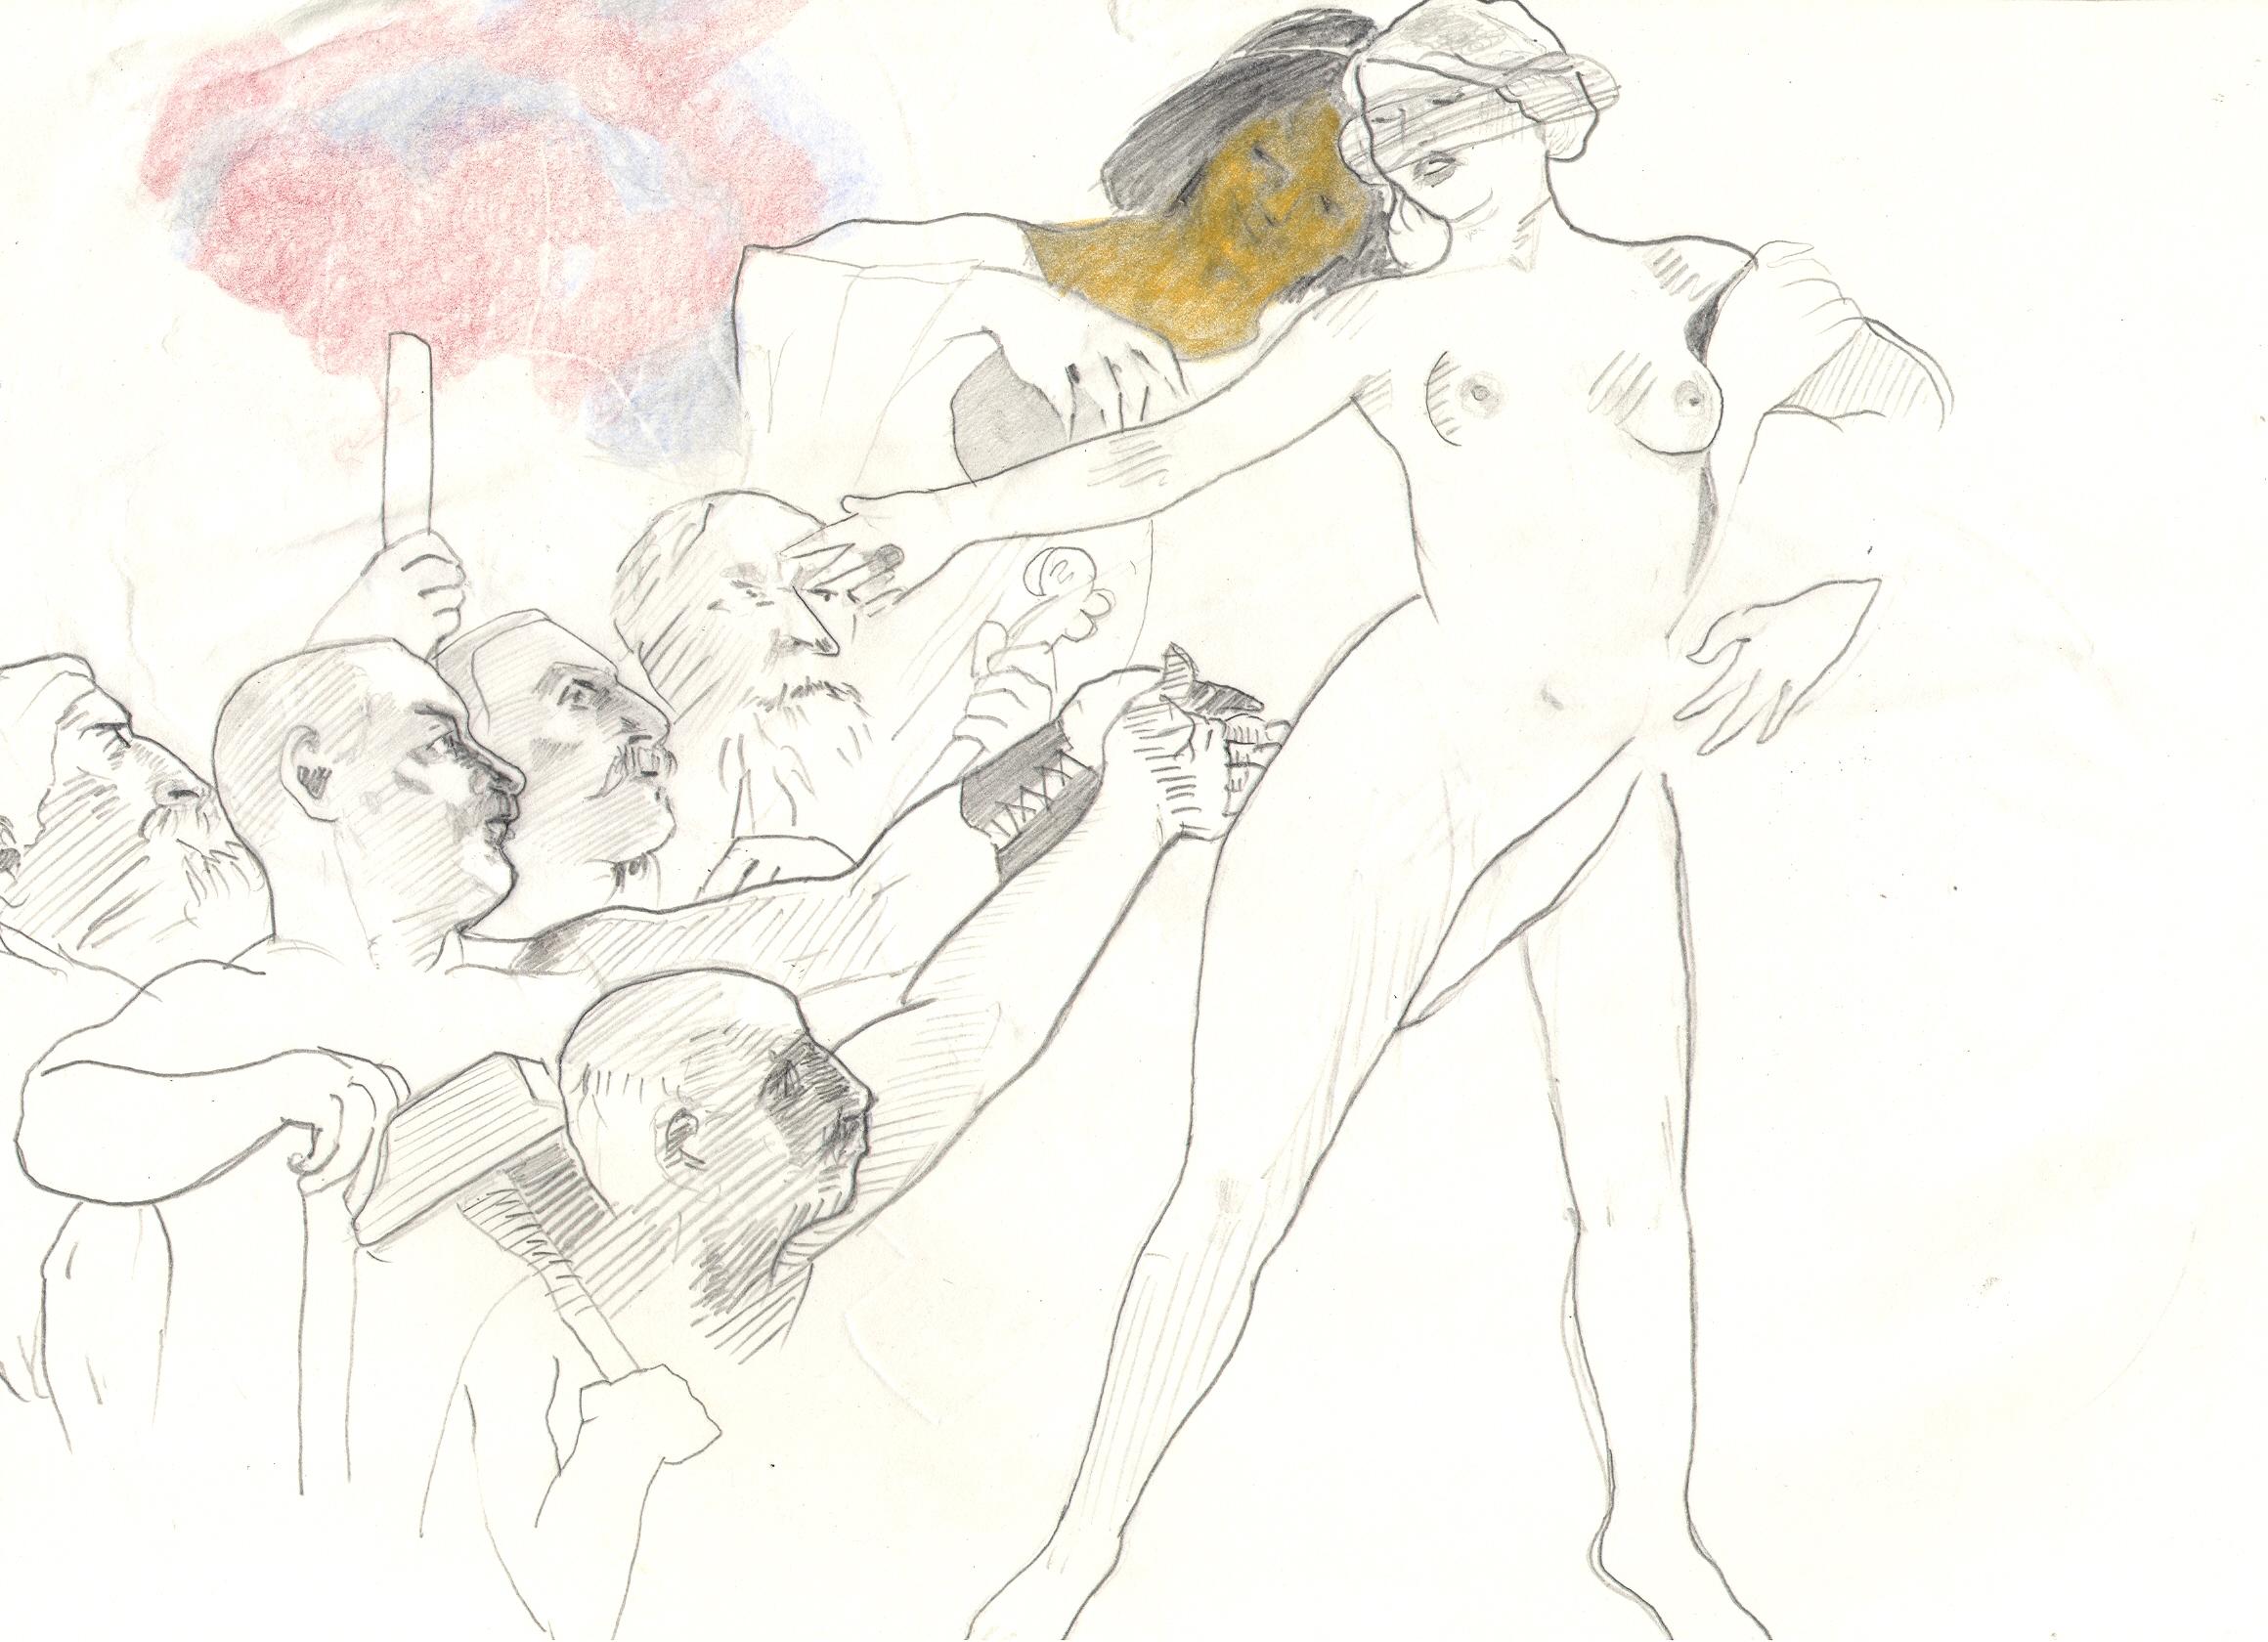 O.T. ( Jungesellenmaschinen ), 2018  Bleistift auf Papier, 26x35.5cm